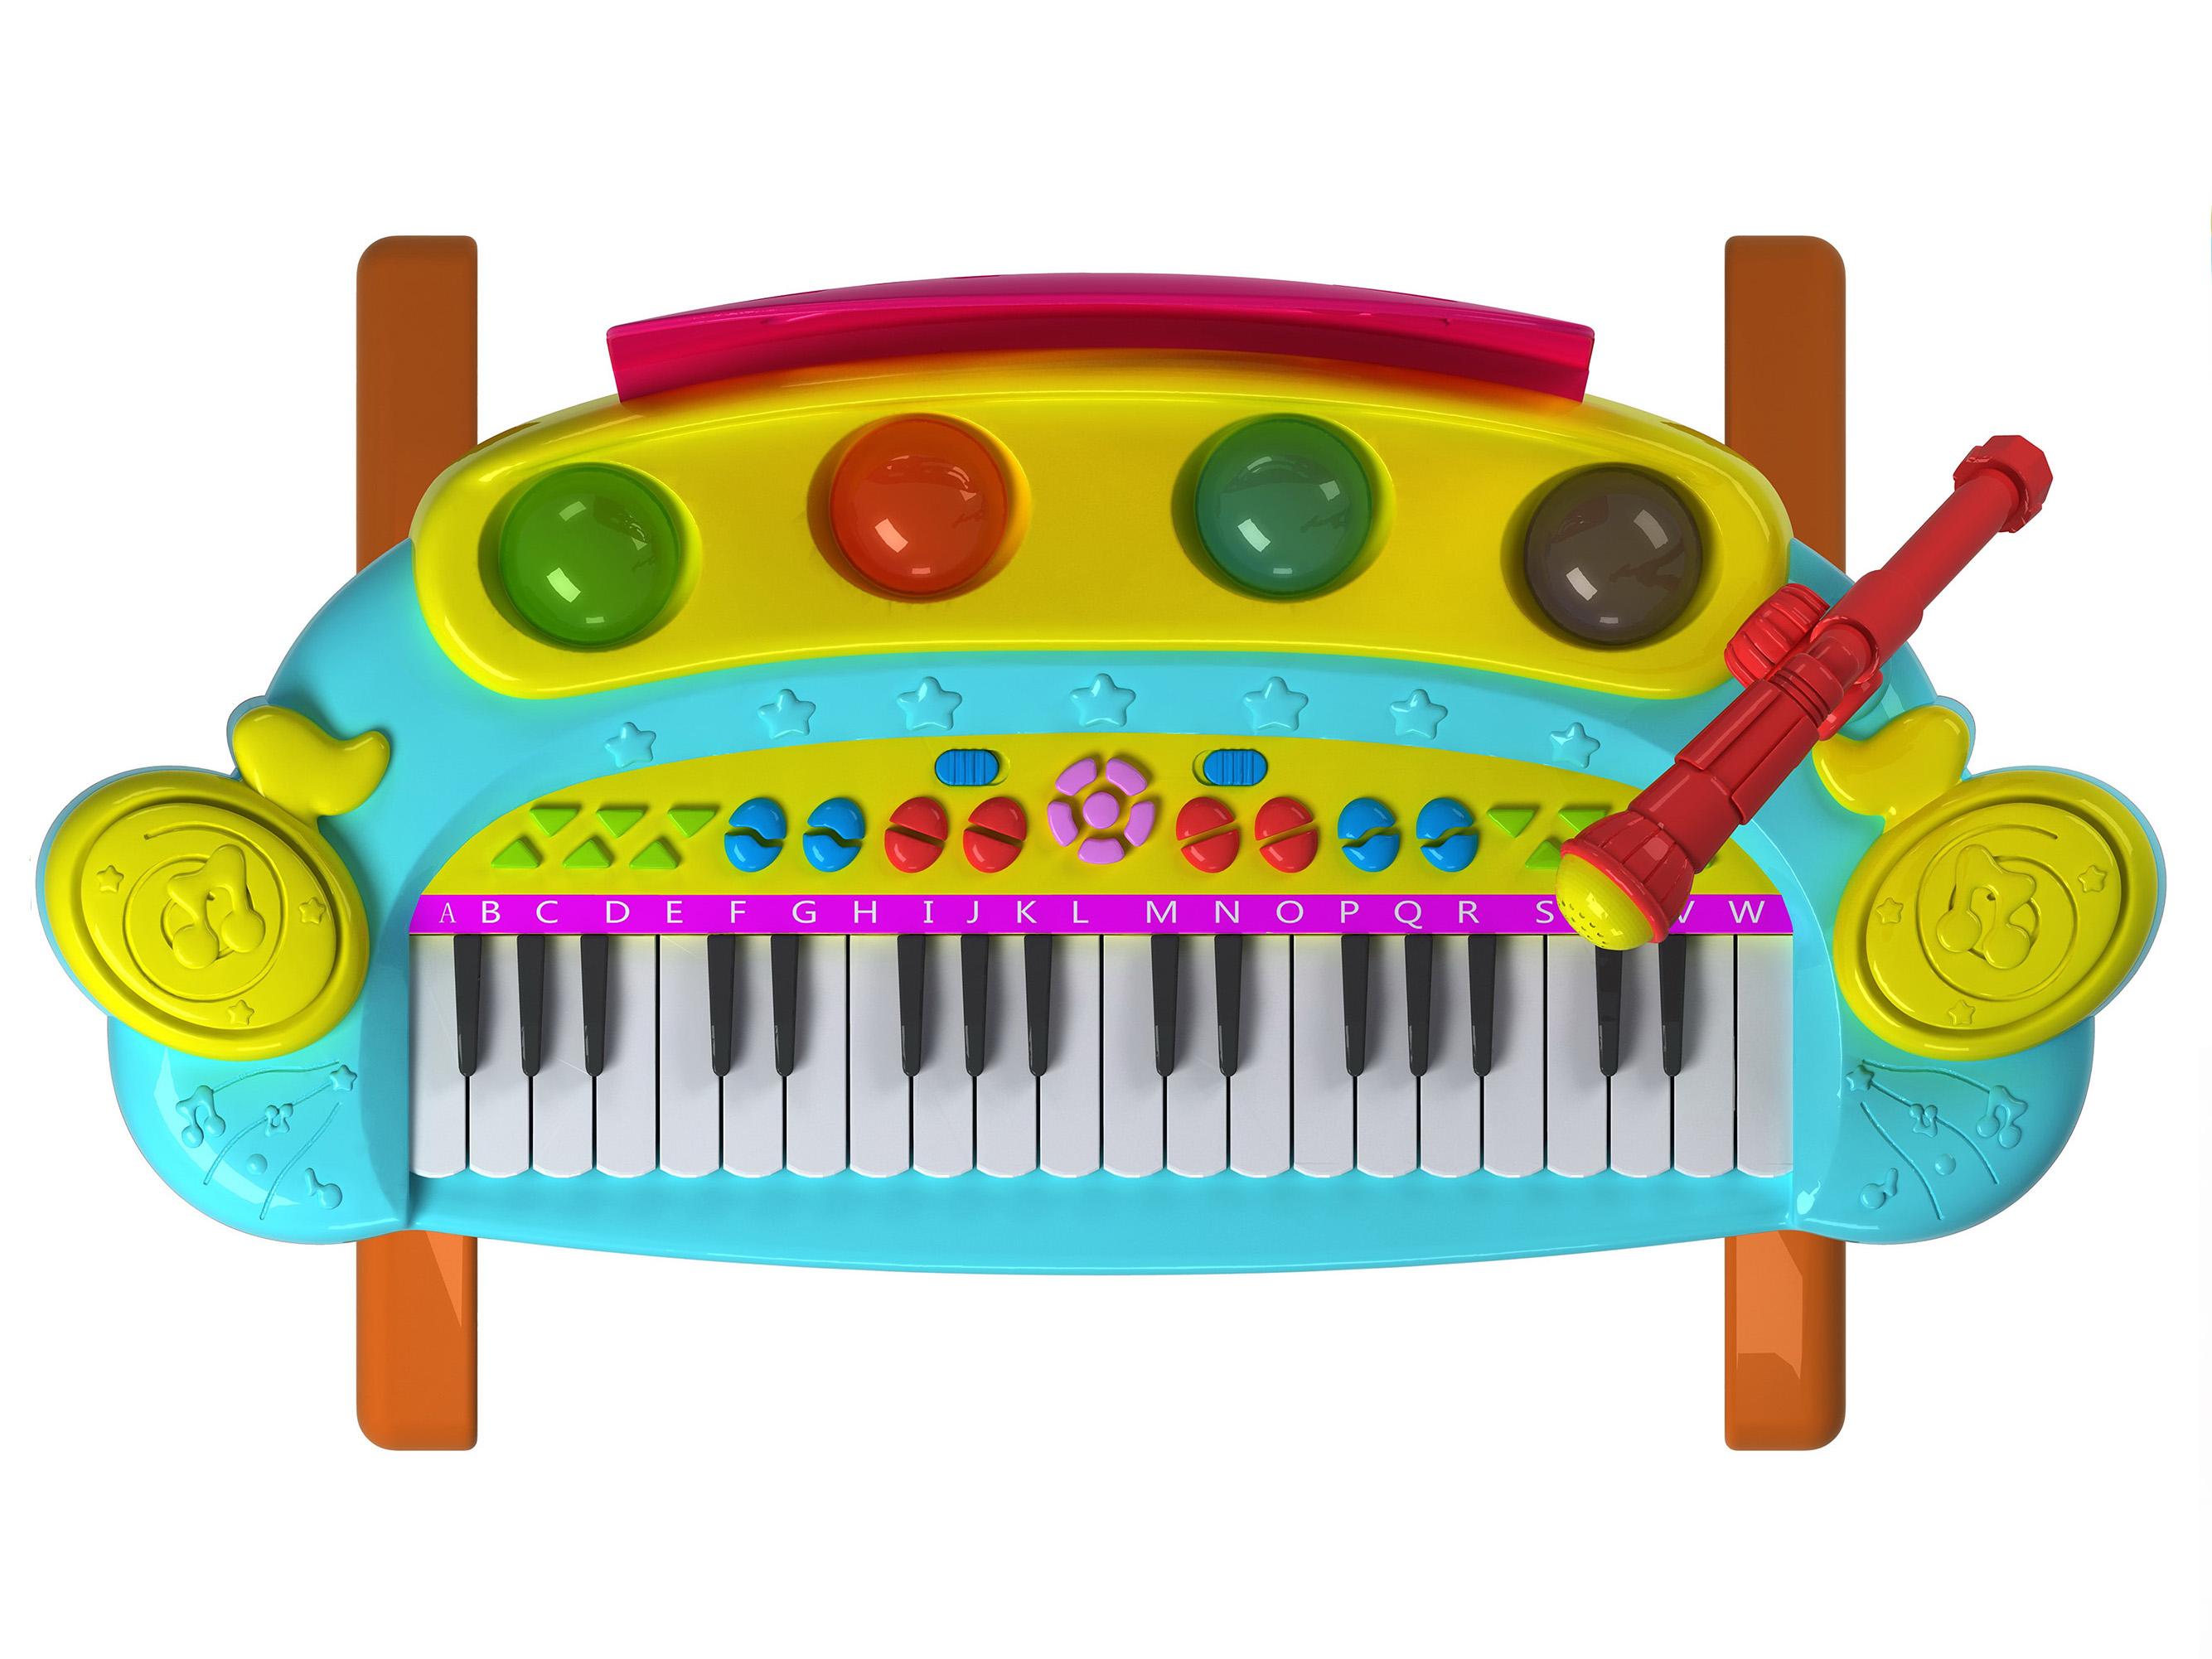 大电子琴排版3